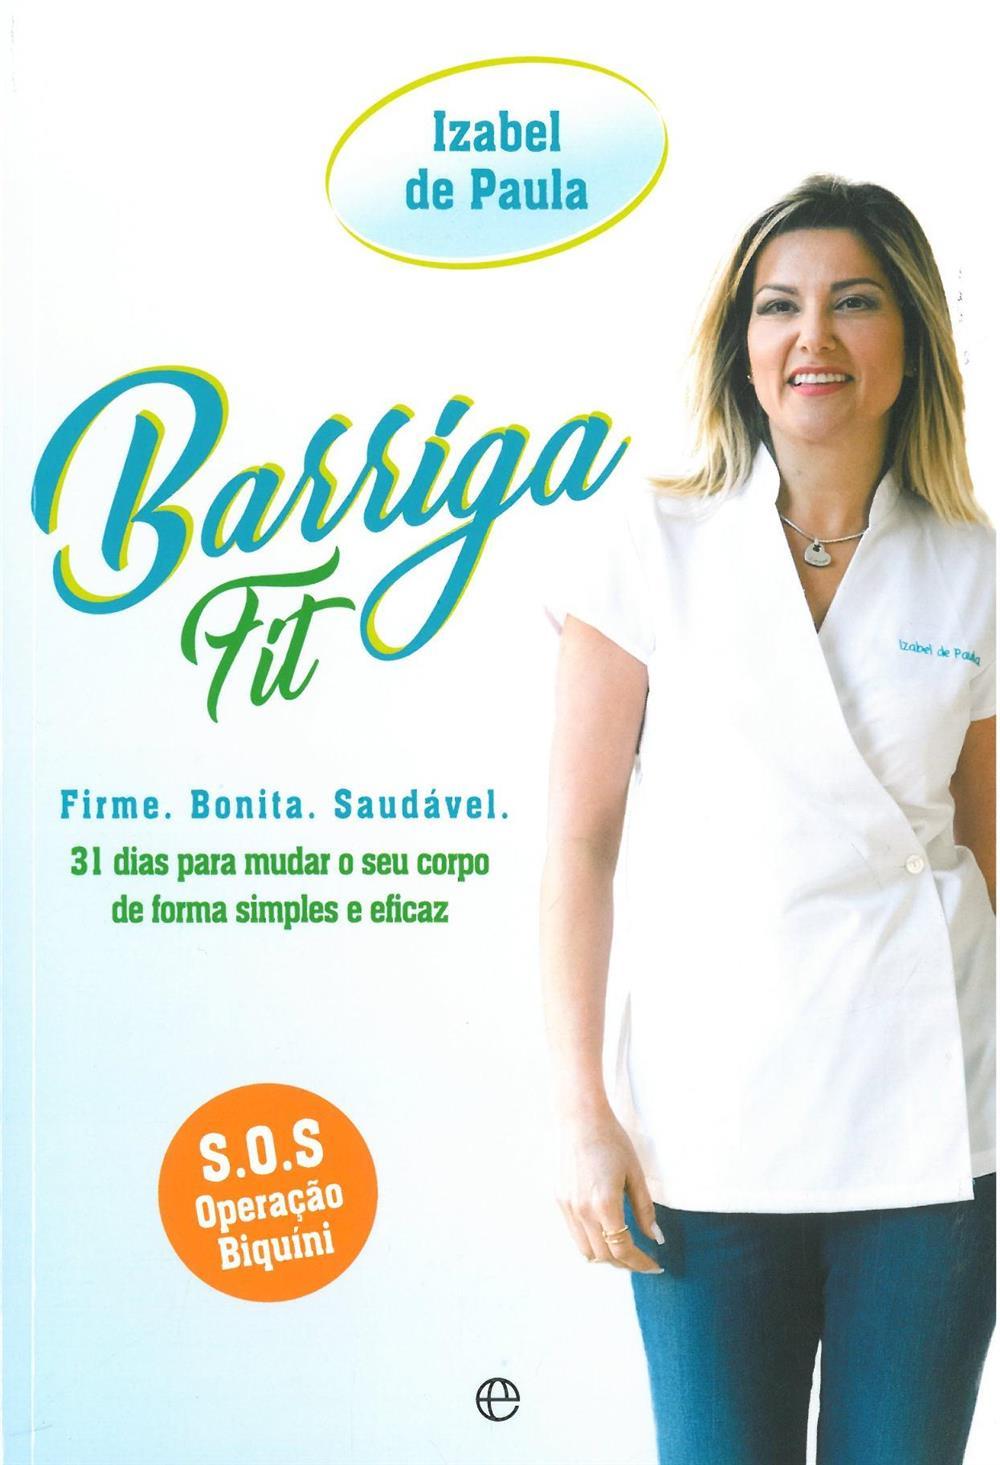 Barriga fit_.jpg